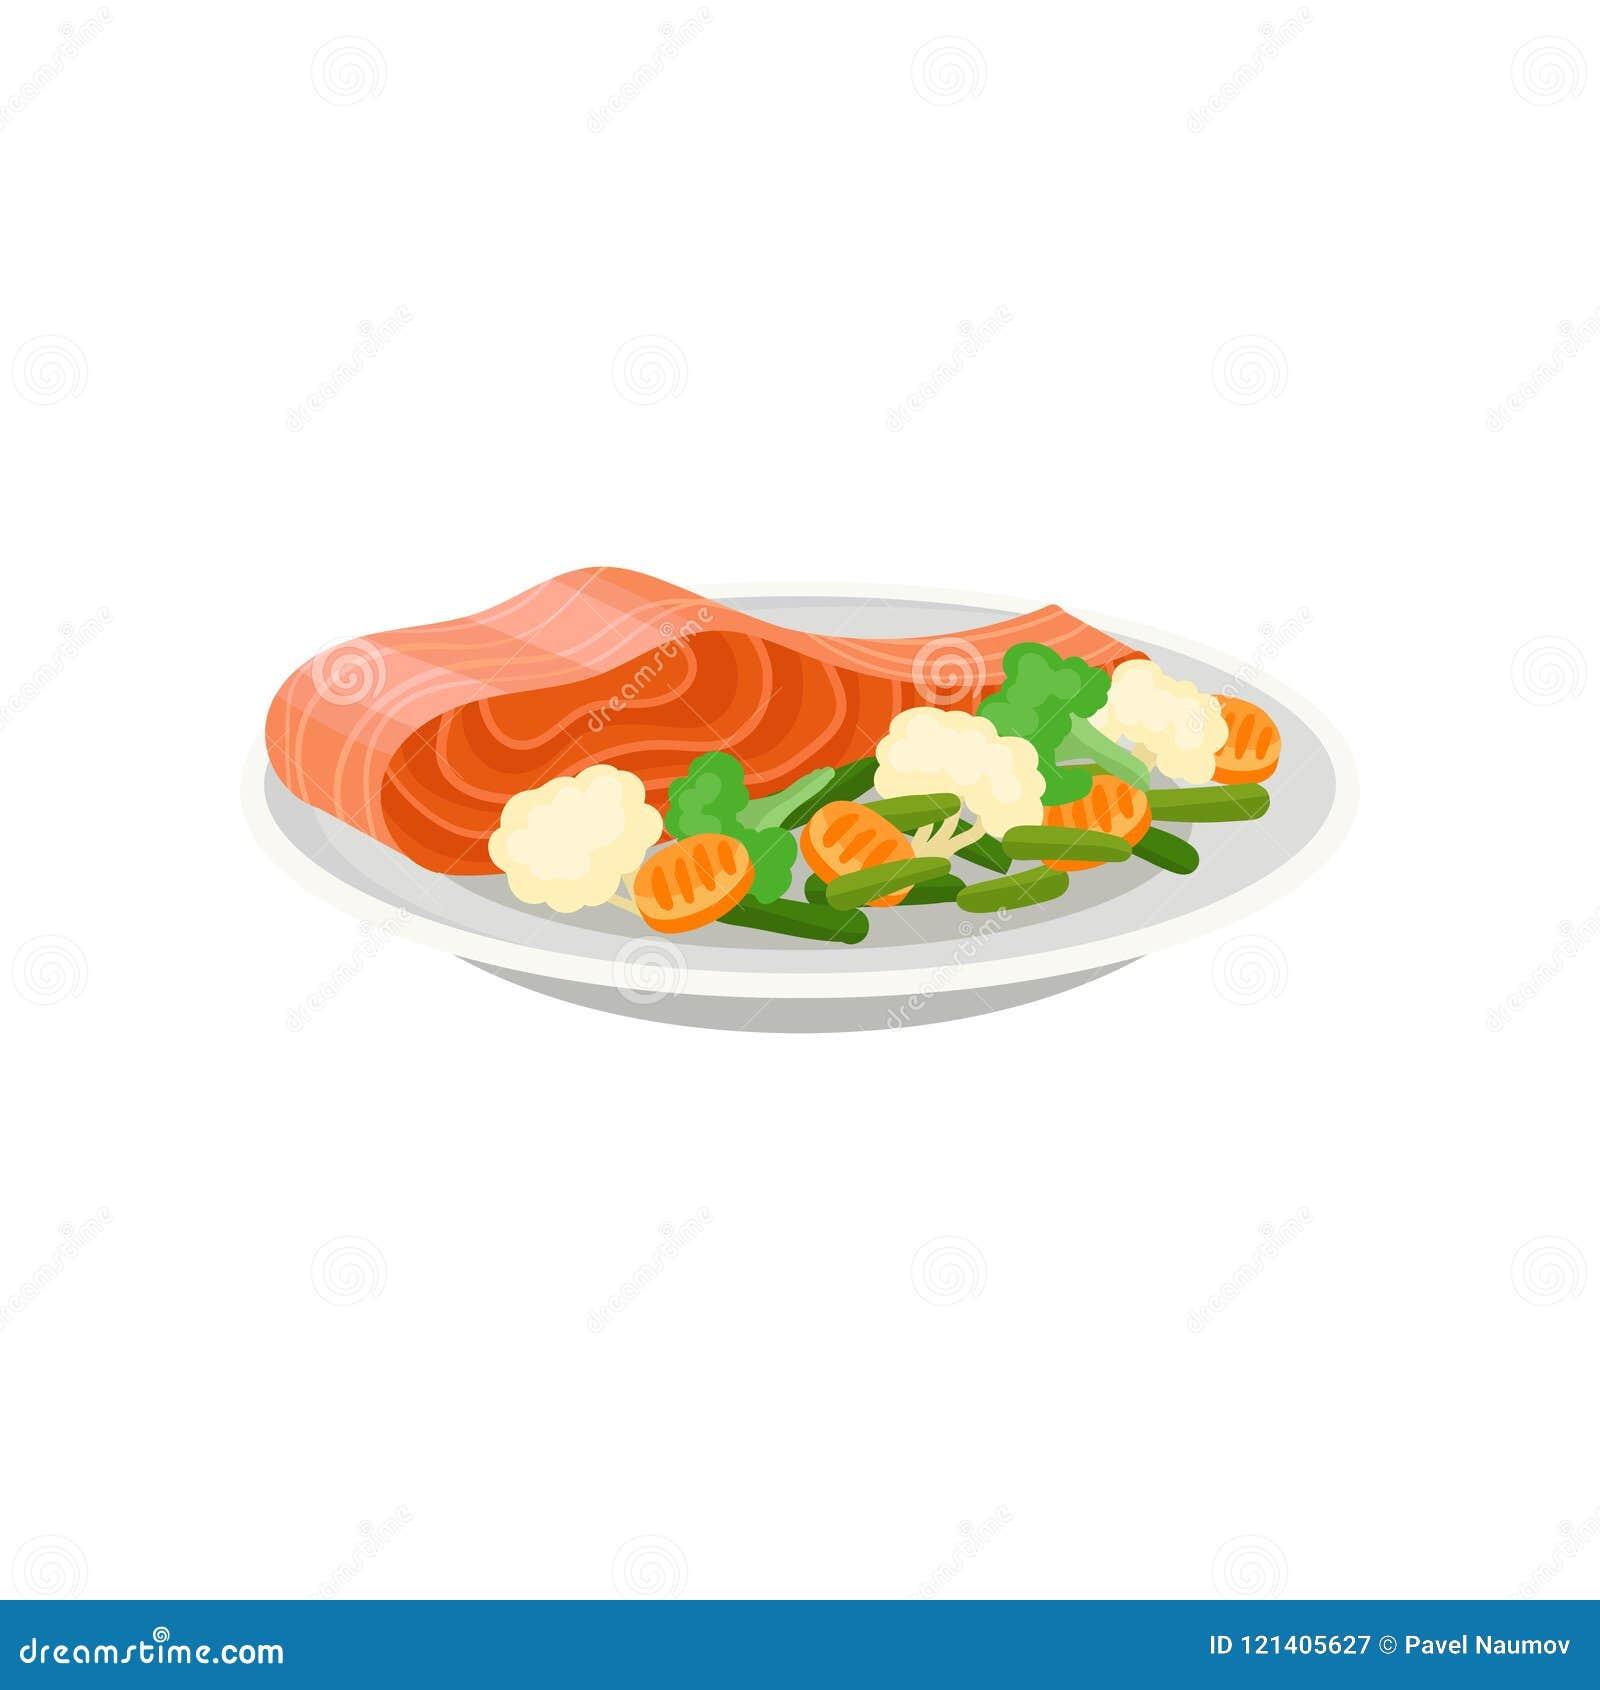 Очень вкусные salmon рыбы с свежими овощами на керамической плите здоровая еда Вкусное блюдо для обедающего Плоский значок вектор